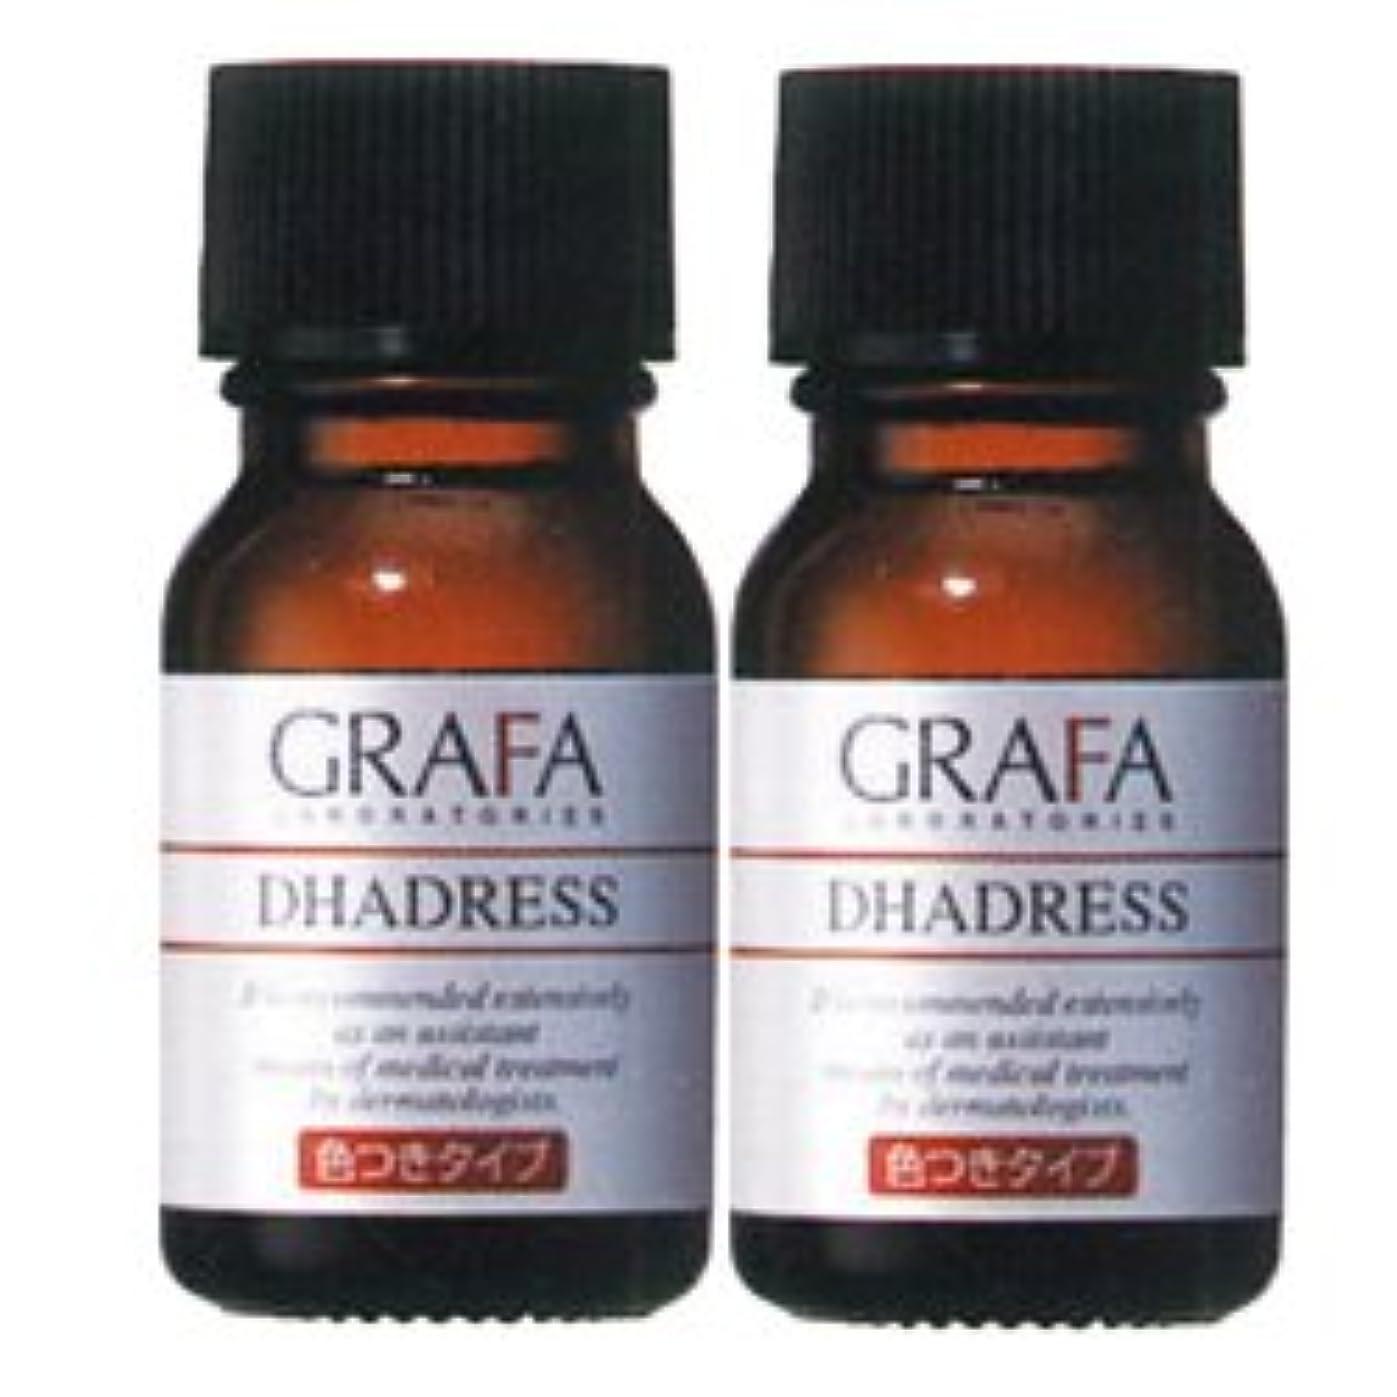 警報留まる怠けたグラファ ダドレスC (色つきタイプ) 11mL×2本 着色用化粧水 GRAFA DHADRESS